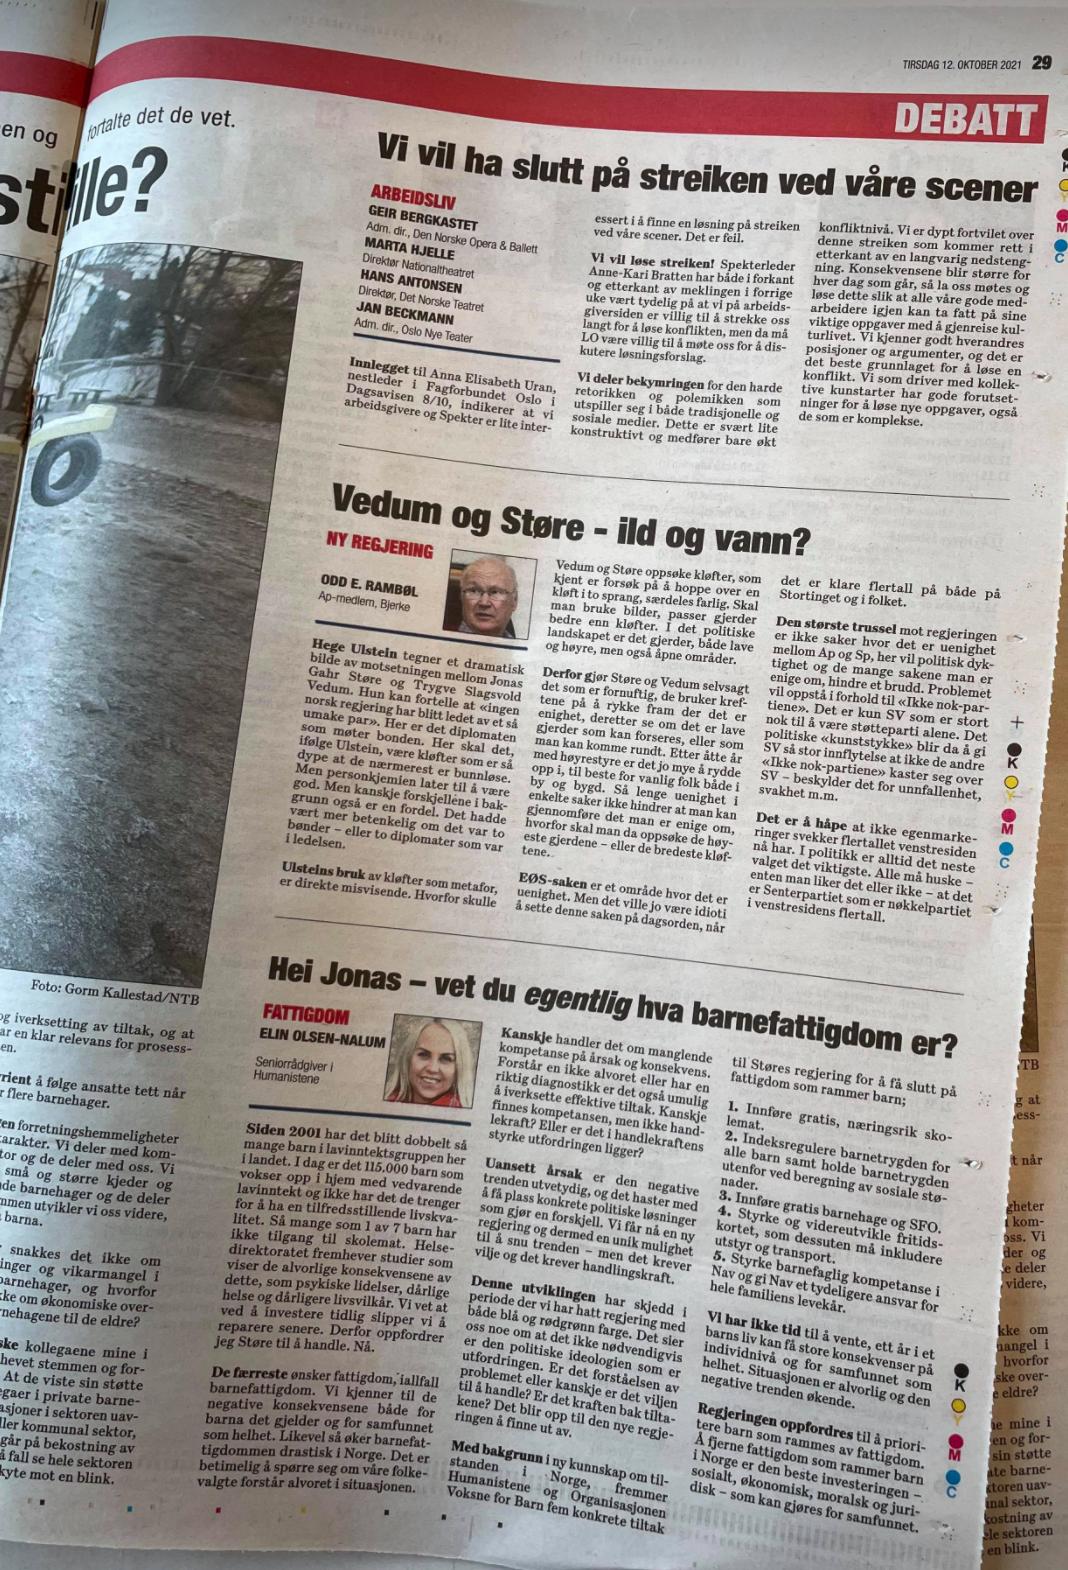 Kronikk av Elin Olsen-Nalum